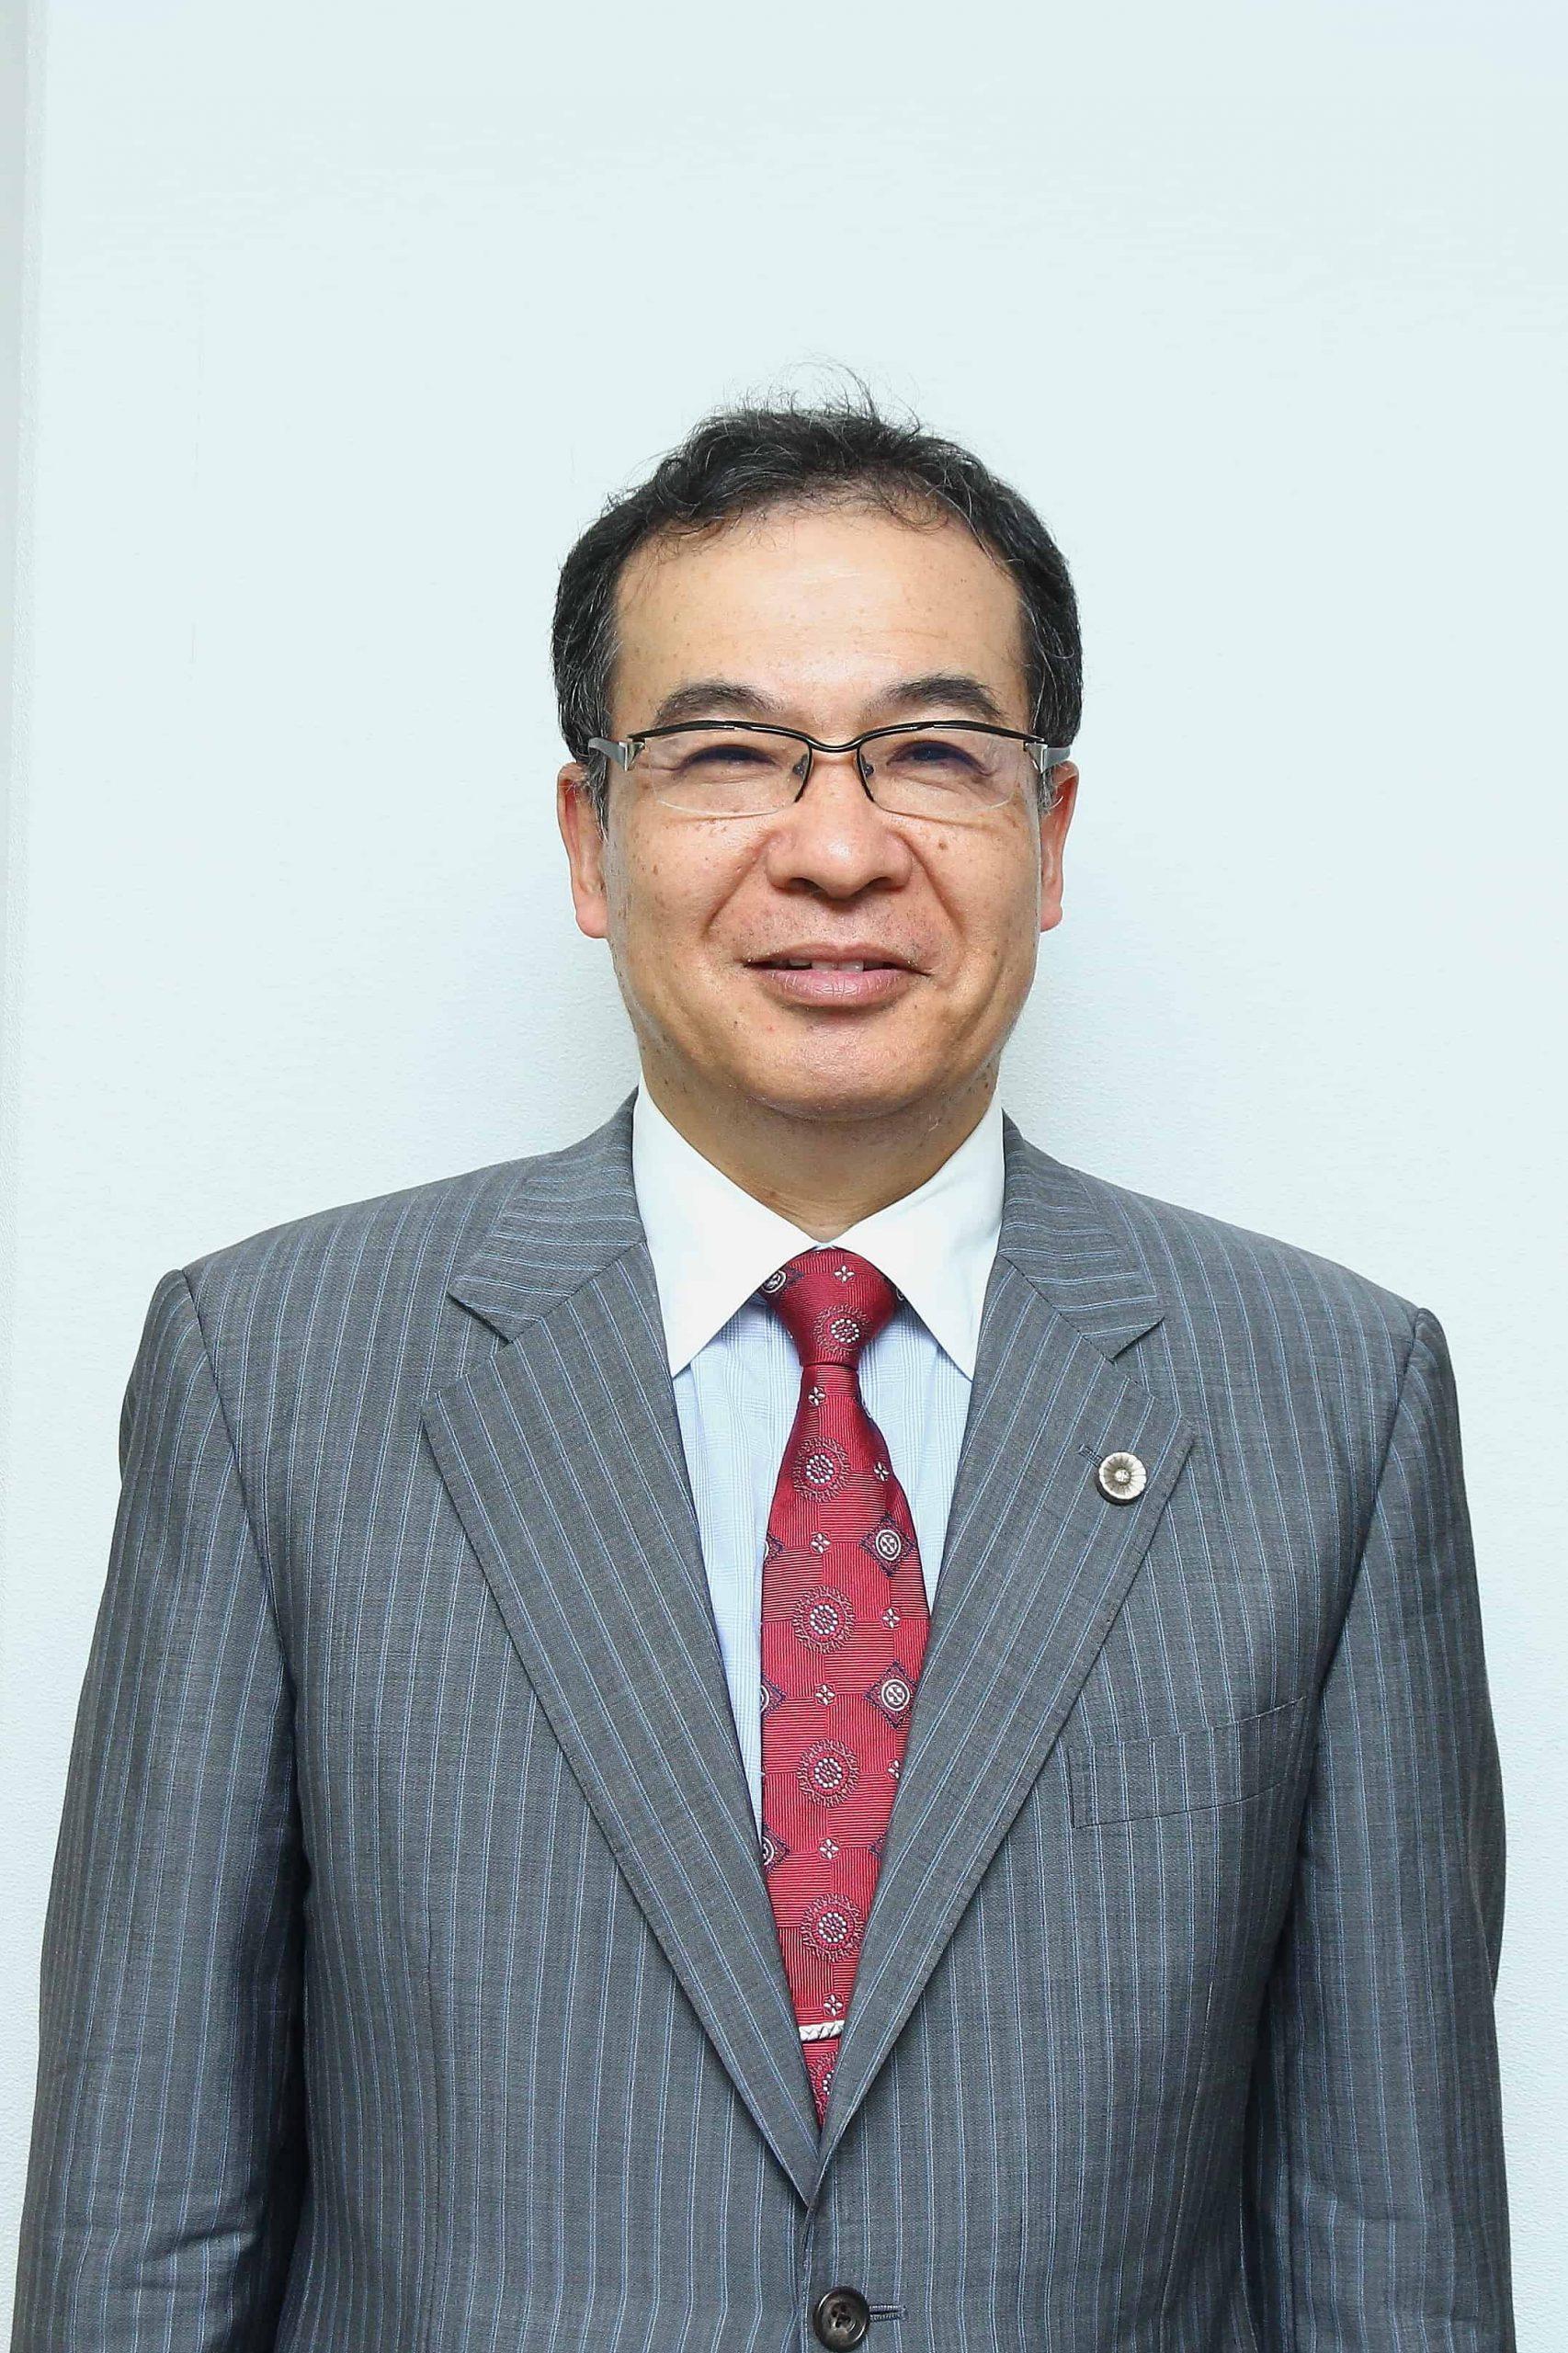 弁護士藤井義継